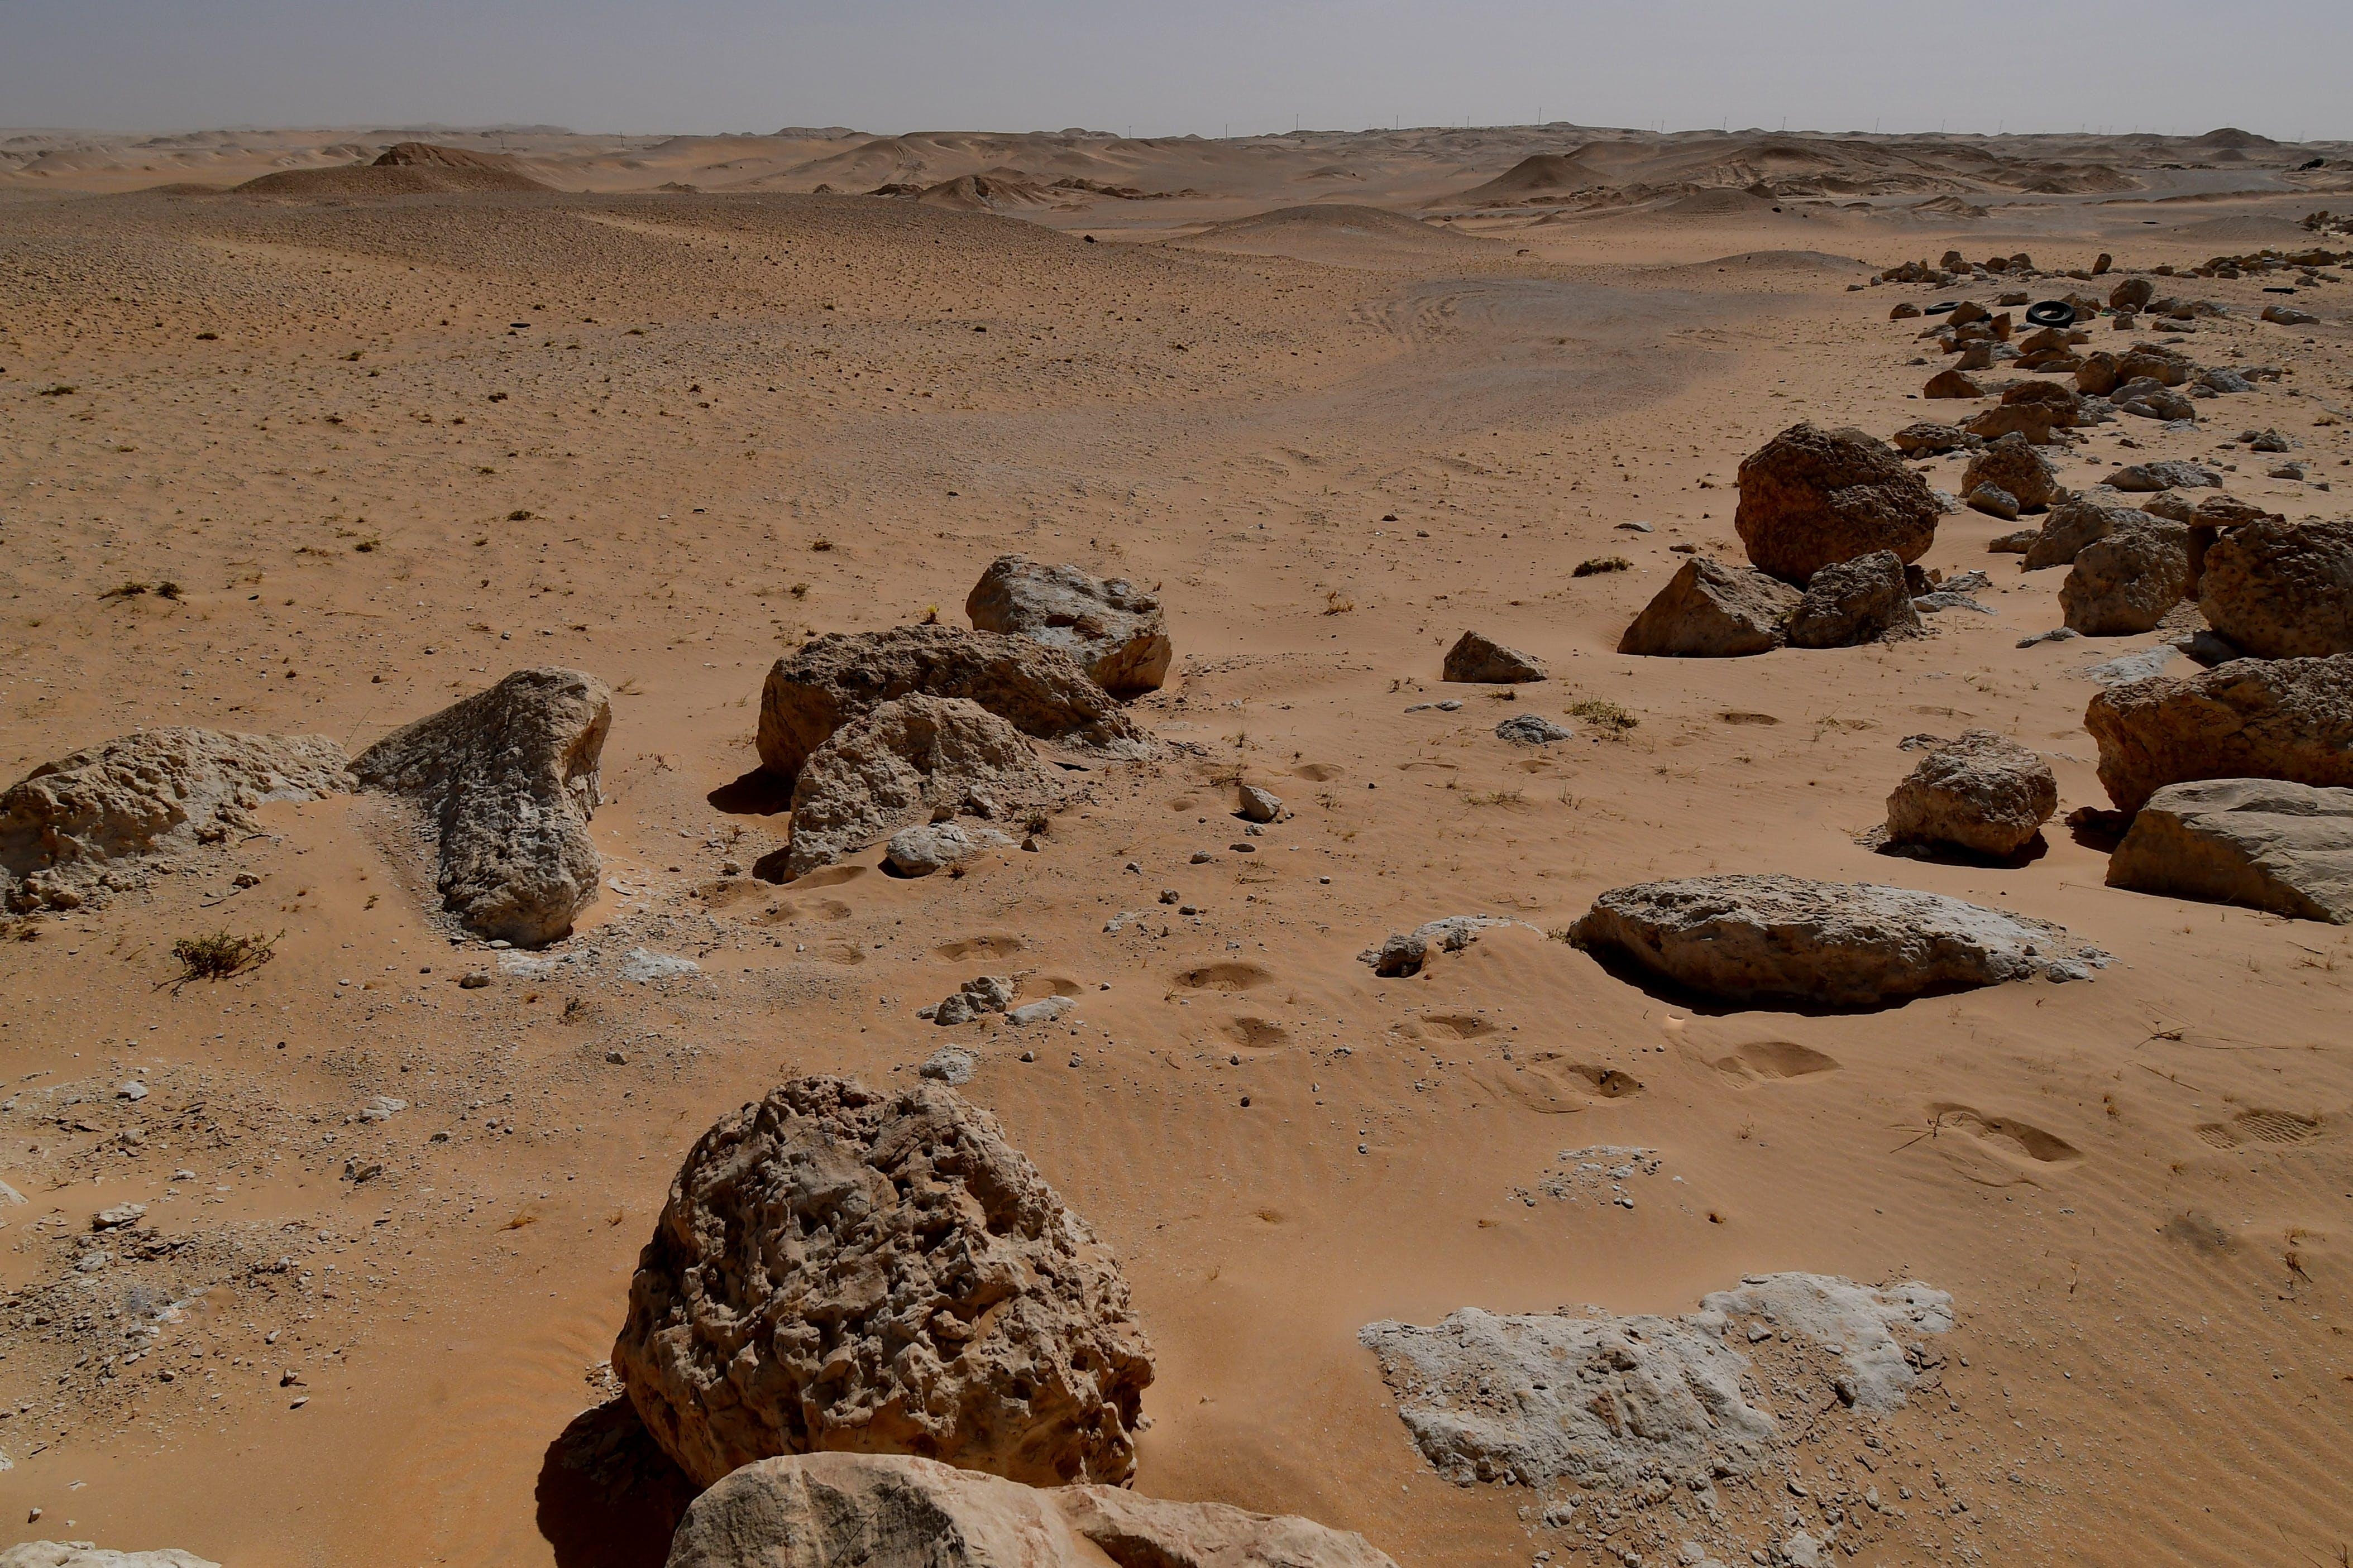 Gratis stockfoto met rocky mountain, woestijn